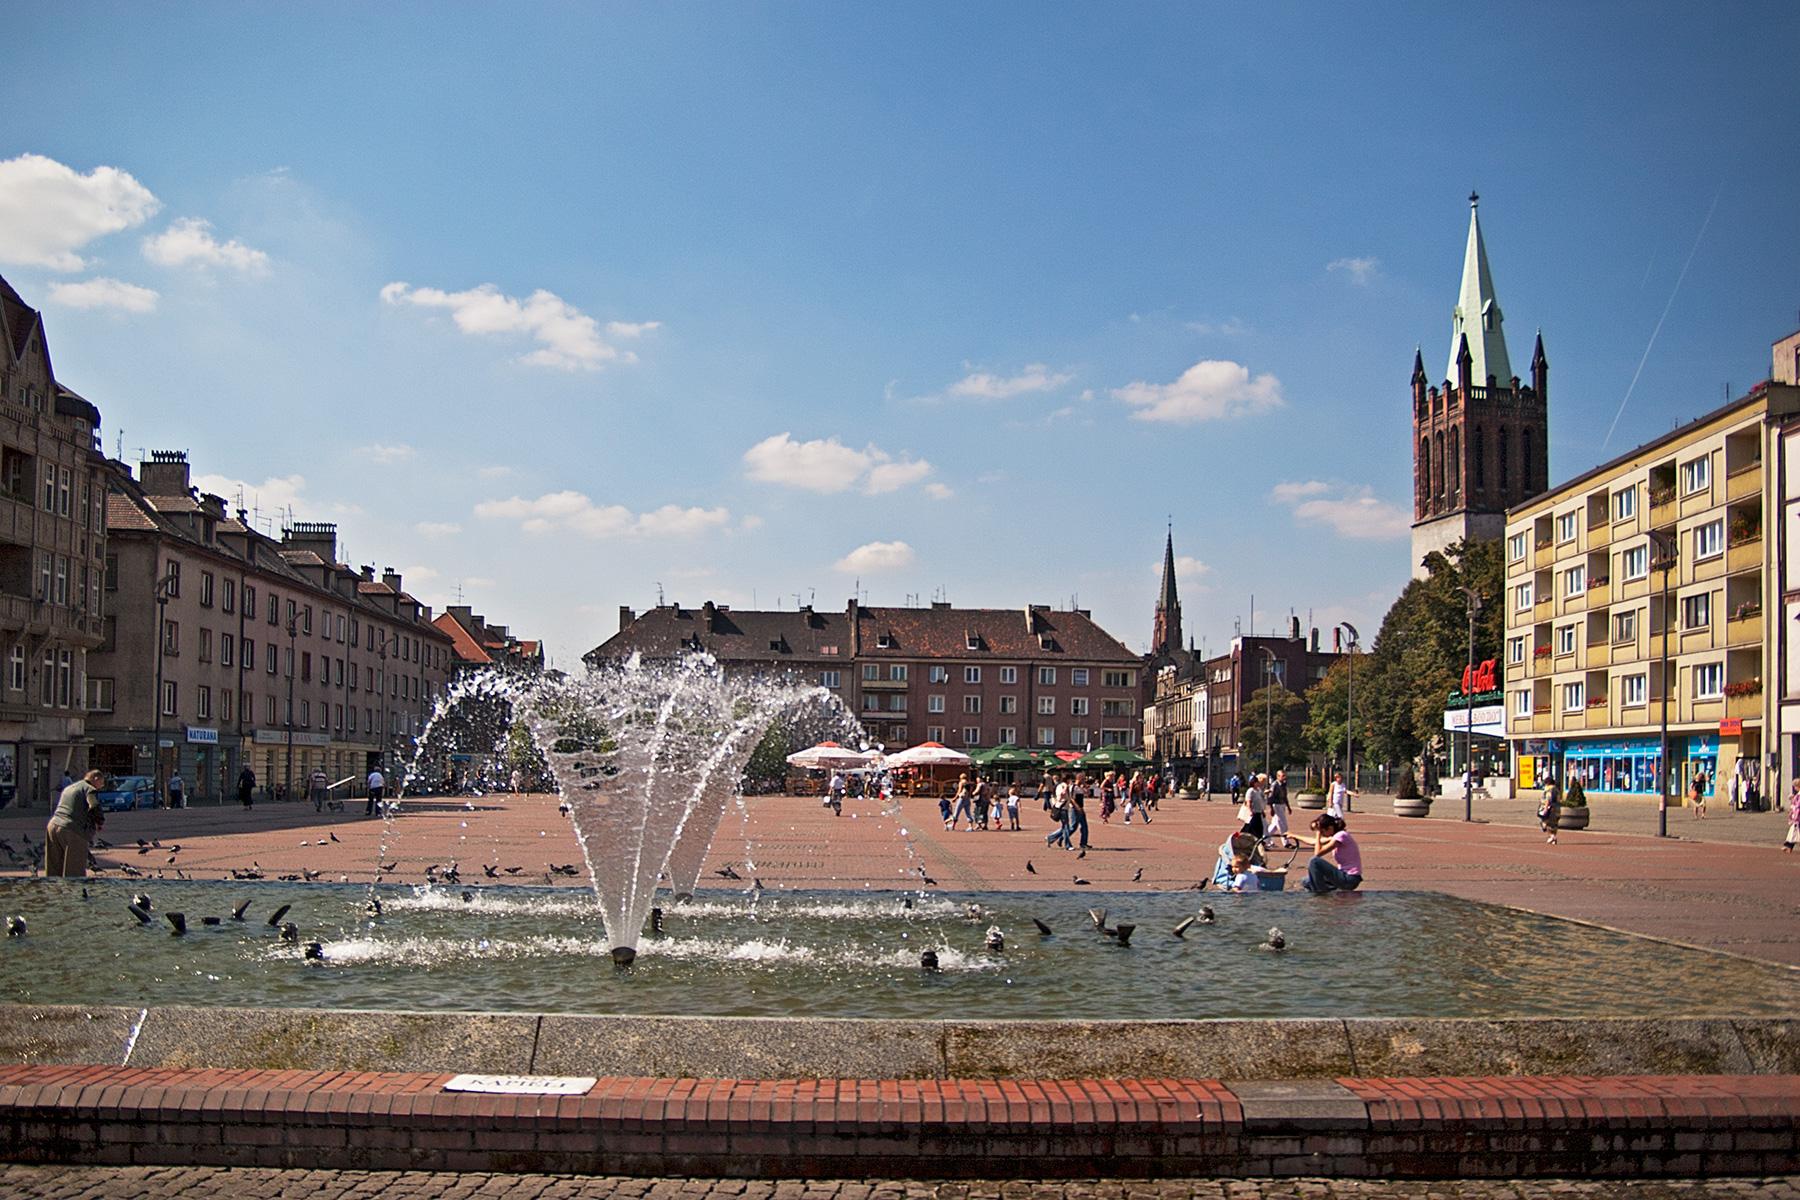 Marktplatz mit Springbrunnen und Kirchen